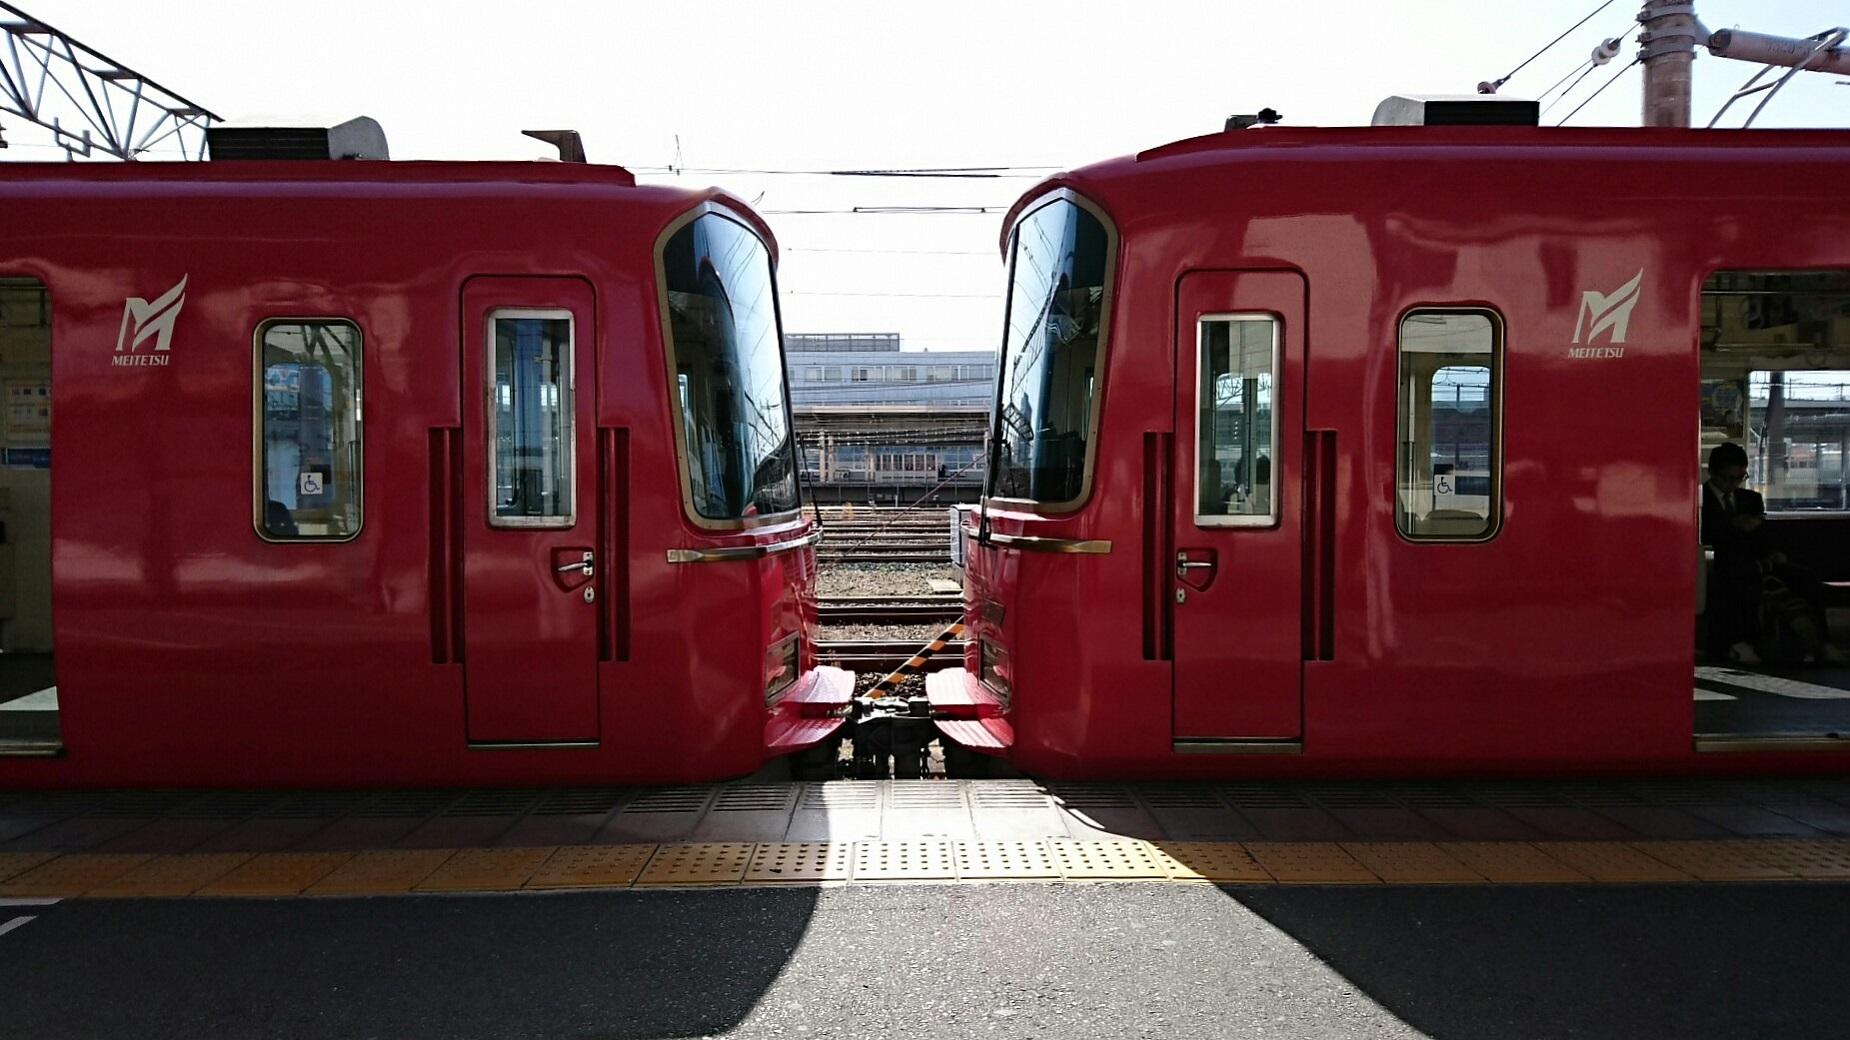 2018.3.23 東海道線 (68) 豊橋 - 岐阜いき急行 1850-1040